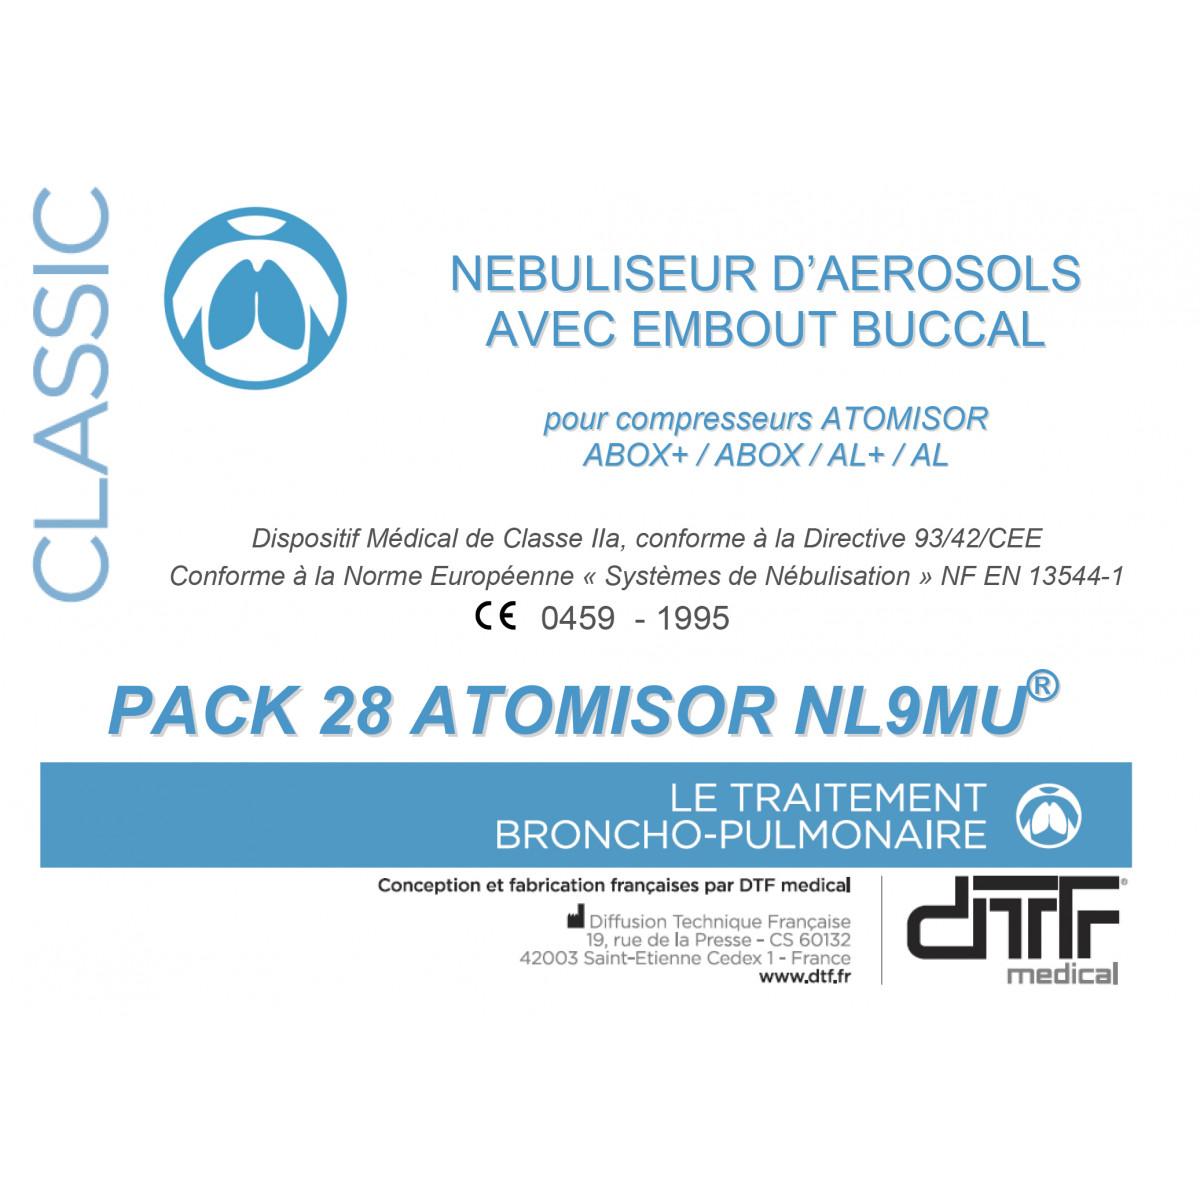 Pack 28 NL9MU